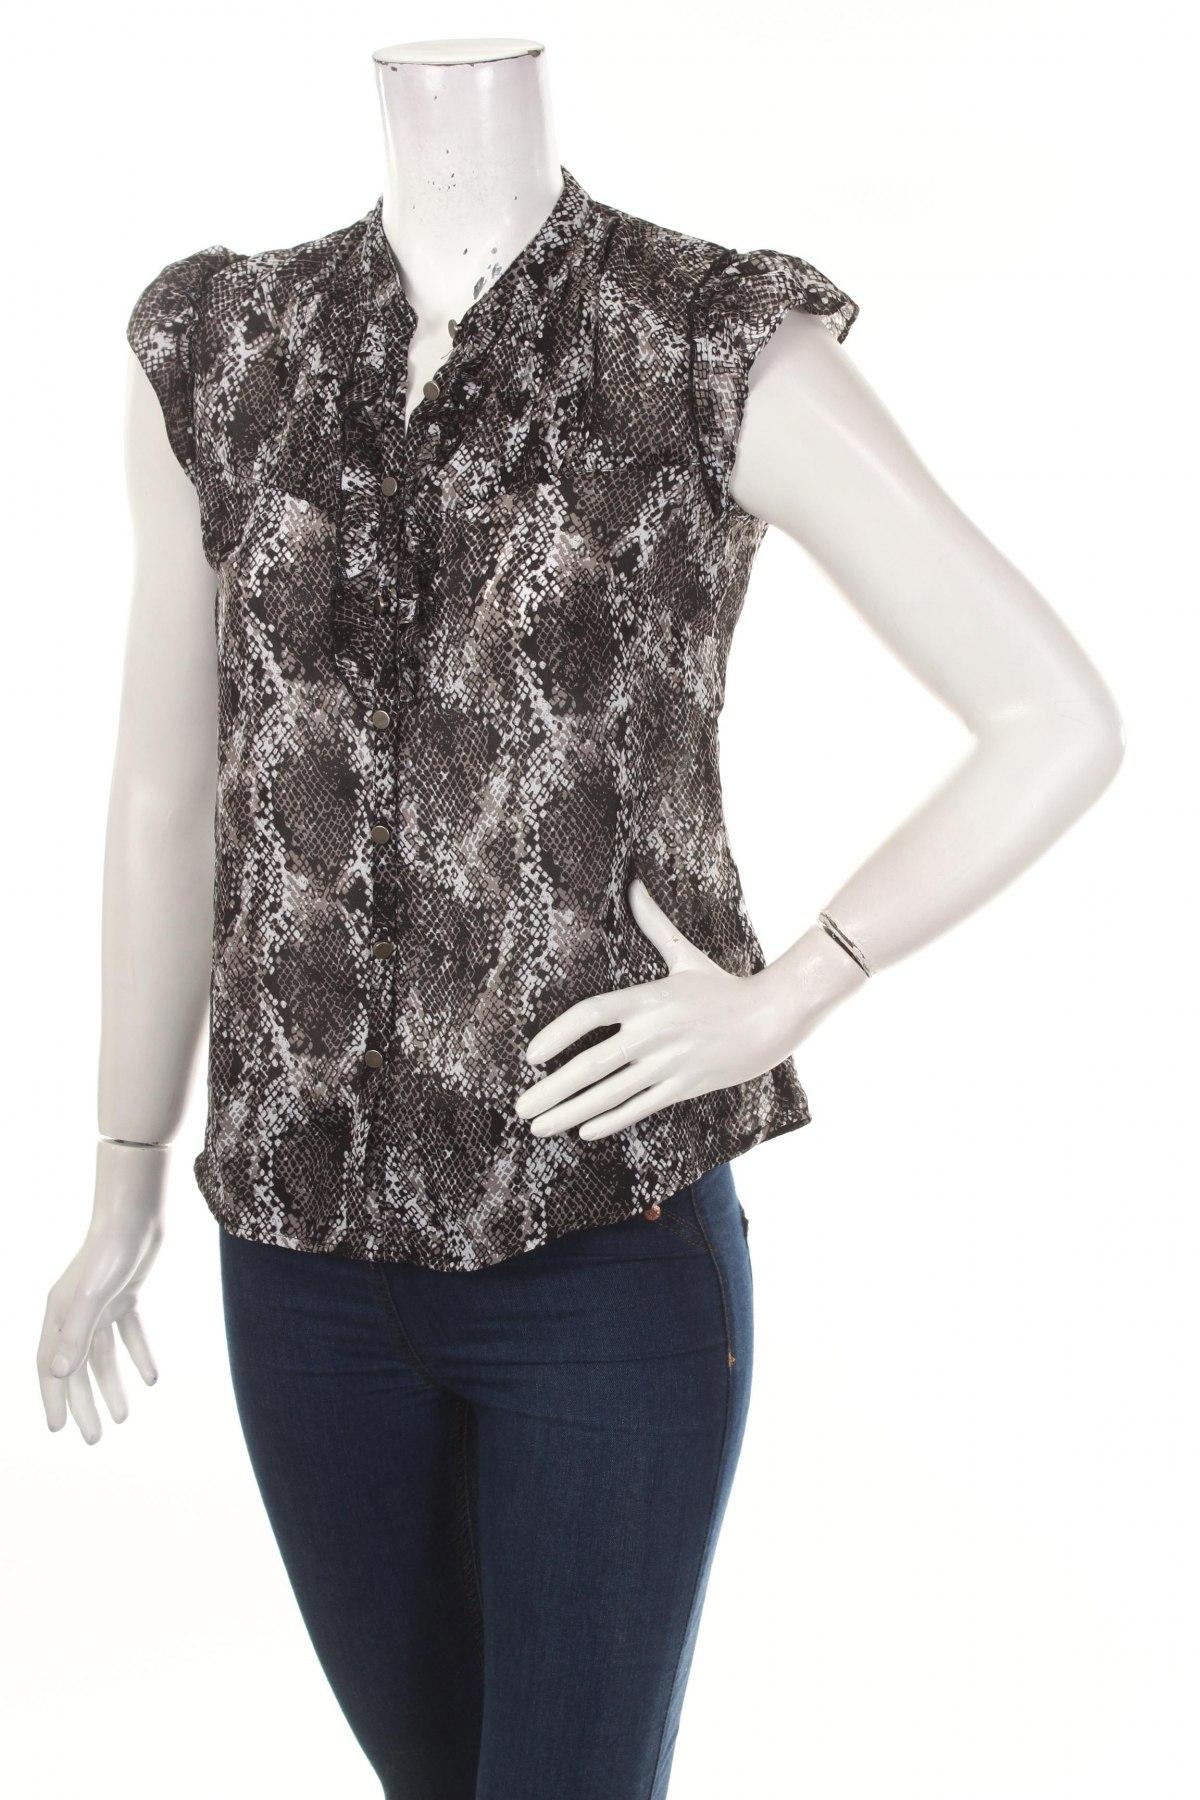 Γυναικείο πουκάμισο Jessica, Μέγεθος S, Χρώμα Πολύχρωμο, 100% πολυεστέρας, Τιμή 9,90€